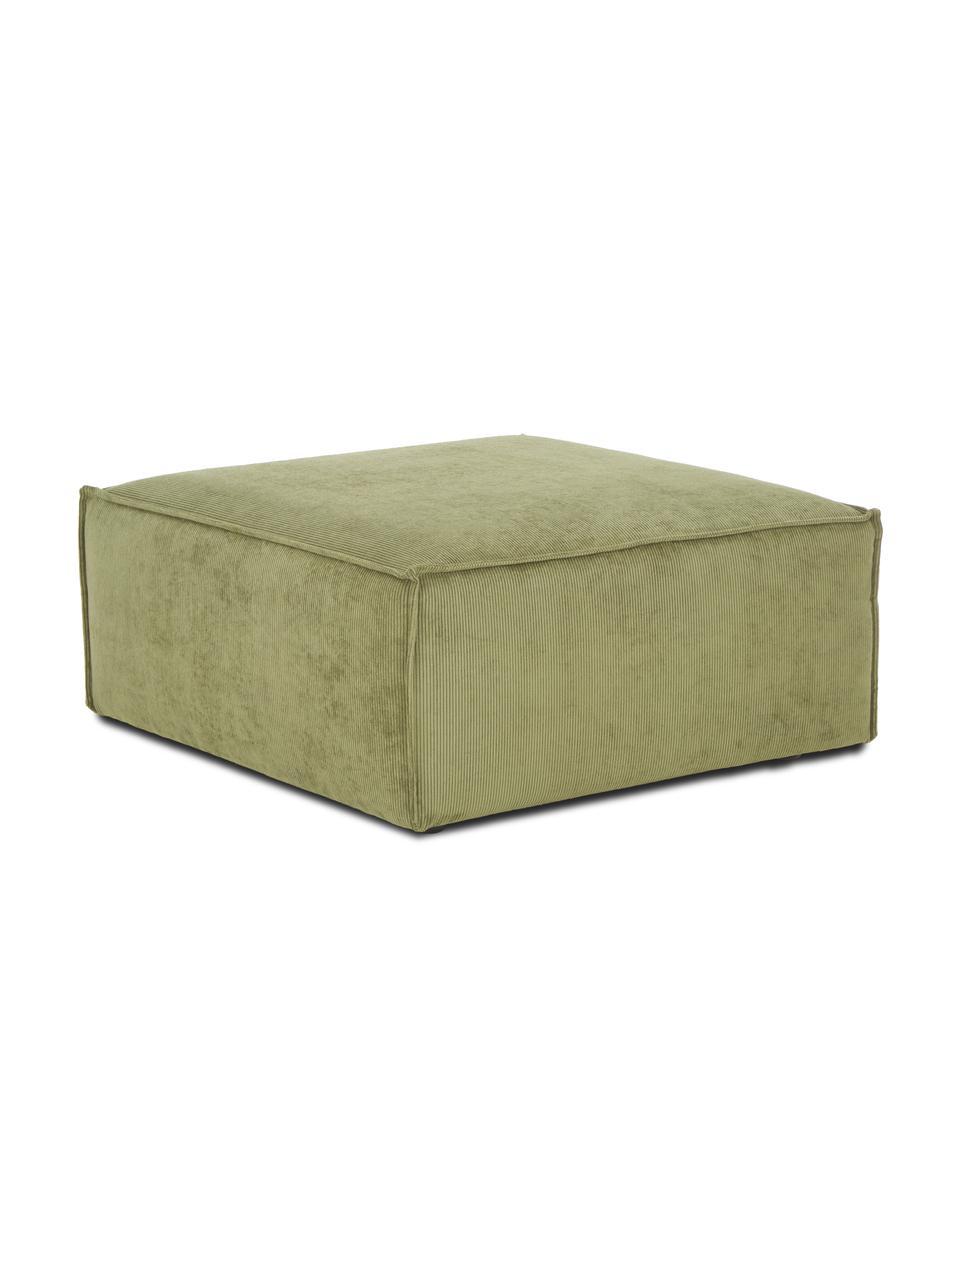 Poggiapiedi da divano in velluto a coste verde Lennon, Rivestimento: velluto a coste (92% poli, Struttura: legno di pino massiccio, , Piedini: plastica I piedini si tro, Velluto a coste verde, Larg. 88 x Alt. 43 cm